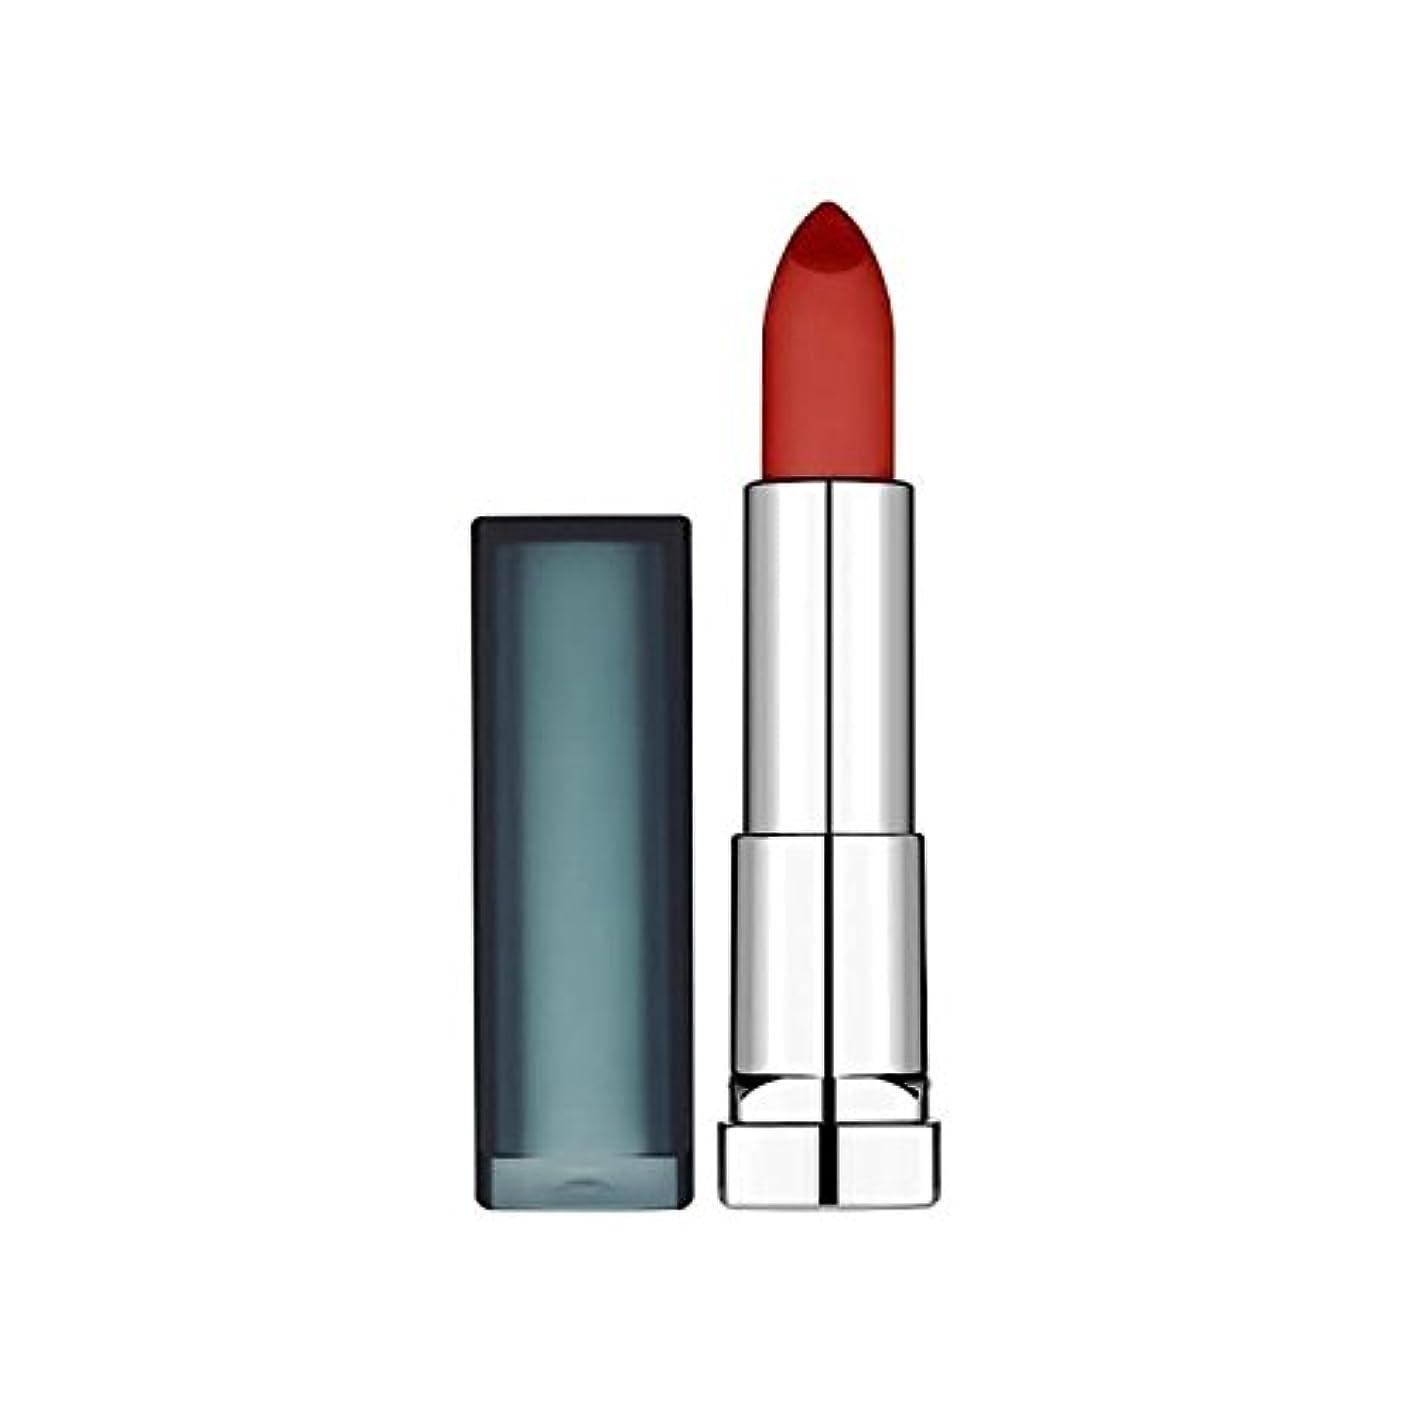 過剰ストッキング気候の山Maybelline Sensational Lipstick Creamy Matte Burgundy Blush - メイベリンセンセーショナルな口紅クリーミーマットバーガンディ赤面 [並行輸入品]